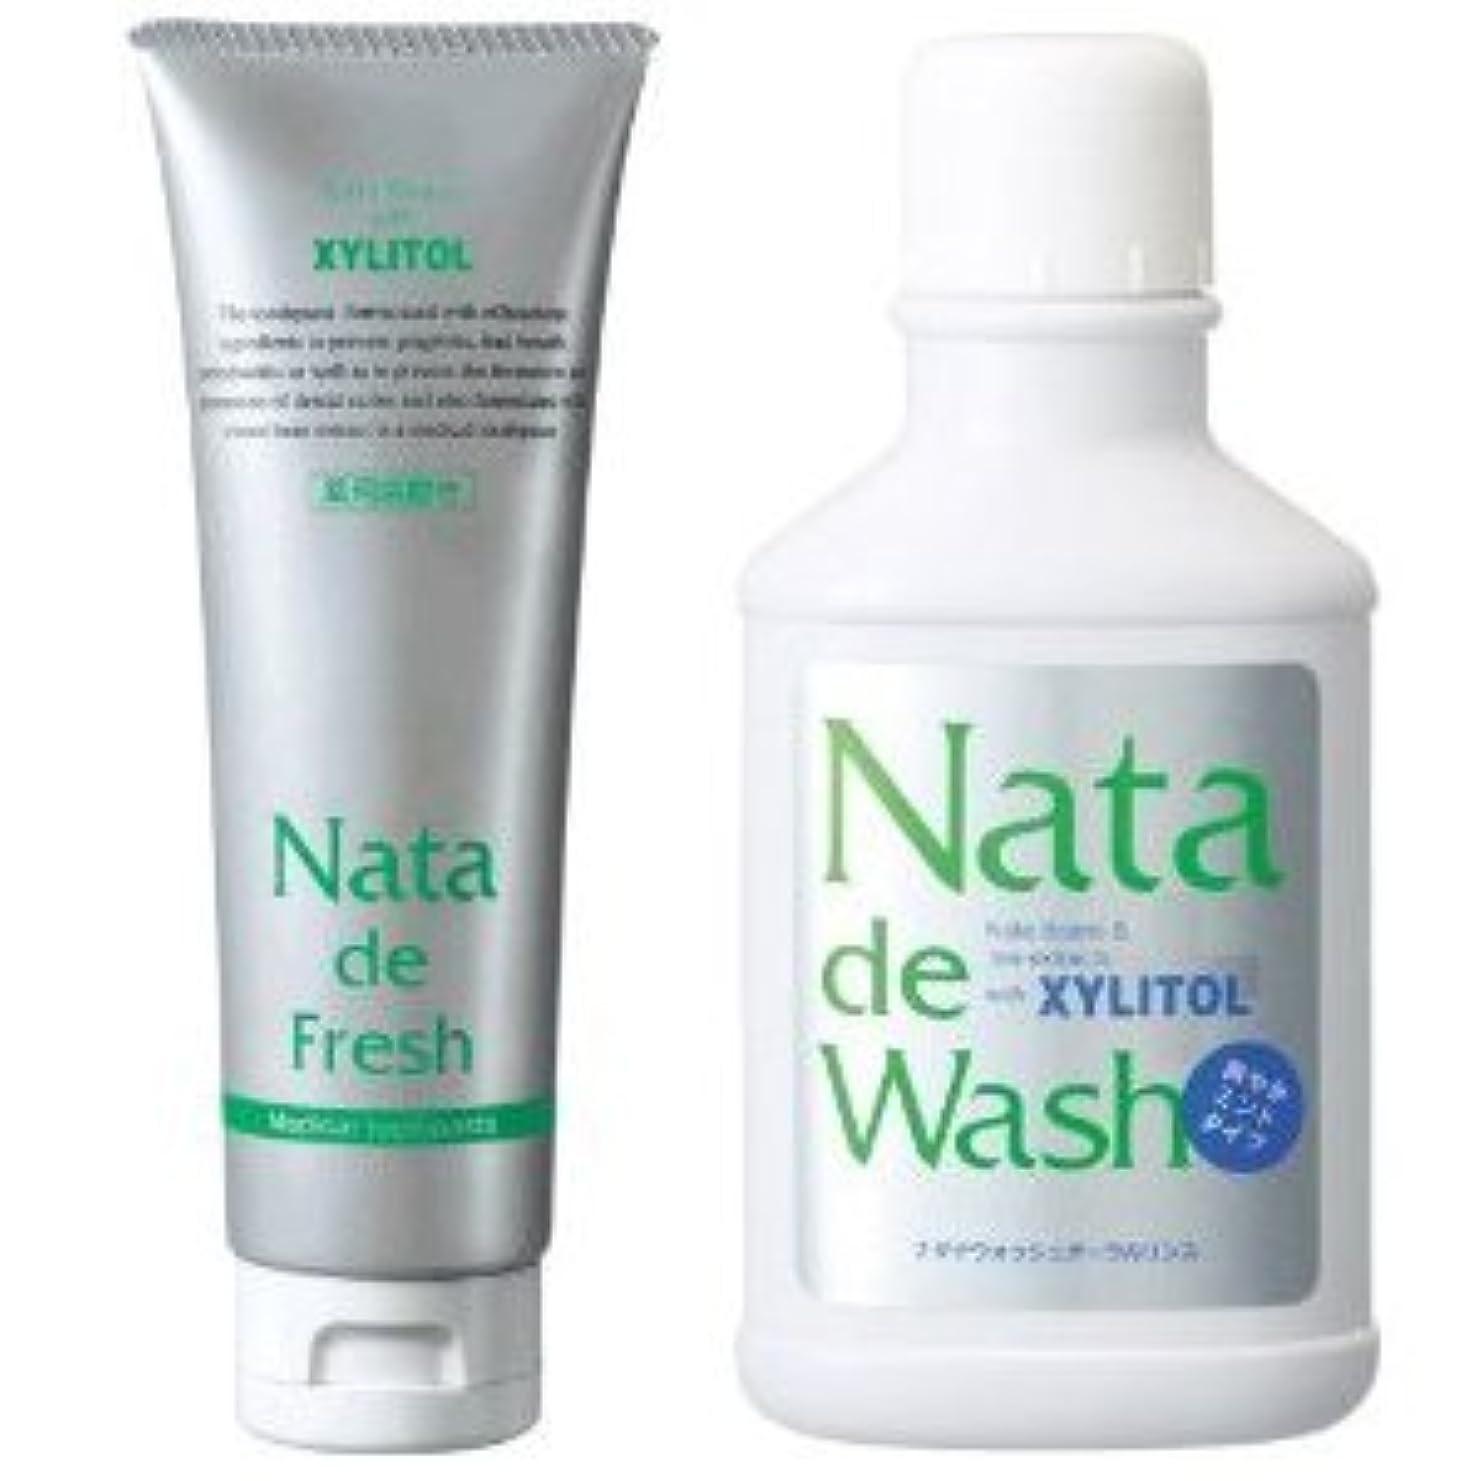 合理化分解する振り向くナタデウォッシュ 口内環境セット 歯磨き+マウスウォッシュ ナタデフレッシュ+ナタデウォッシュ